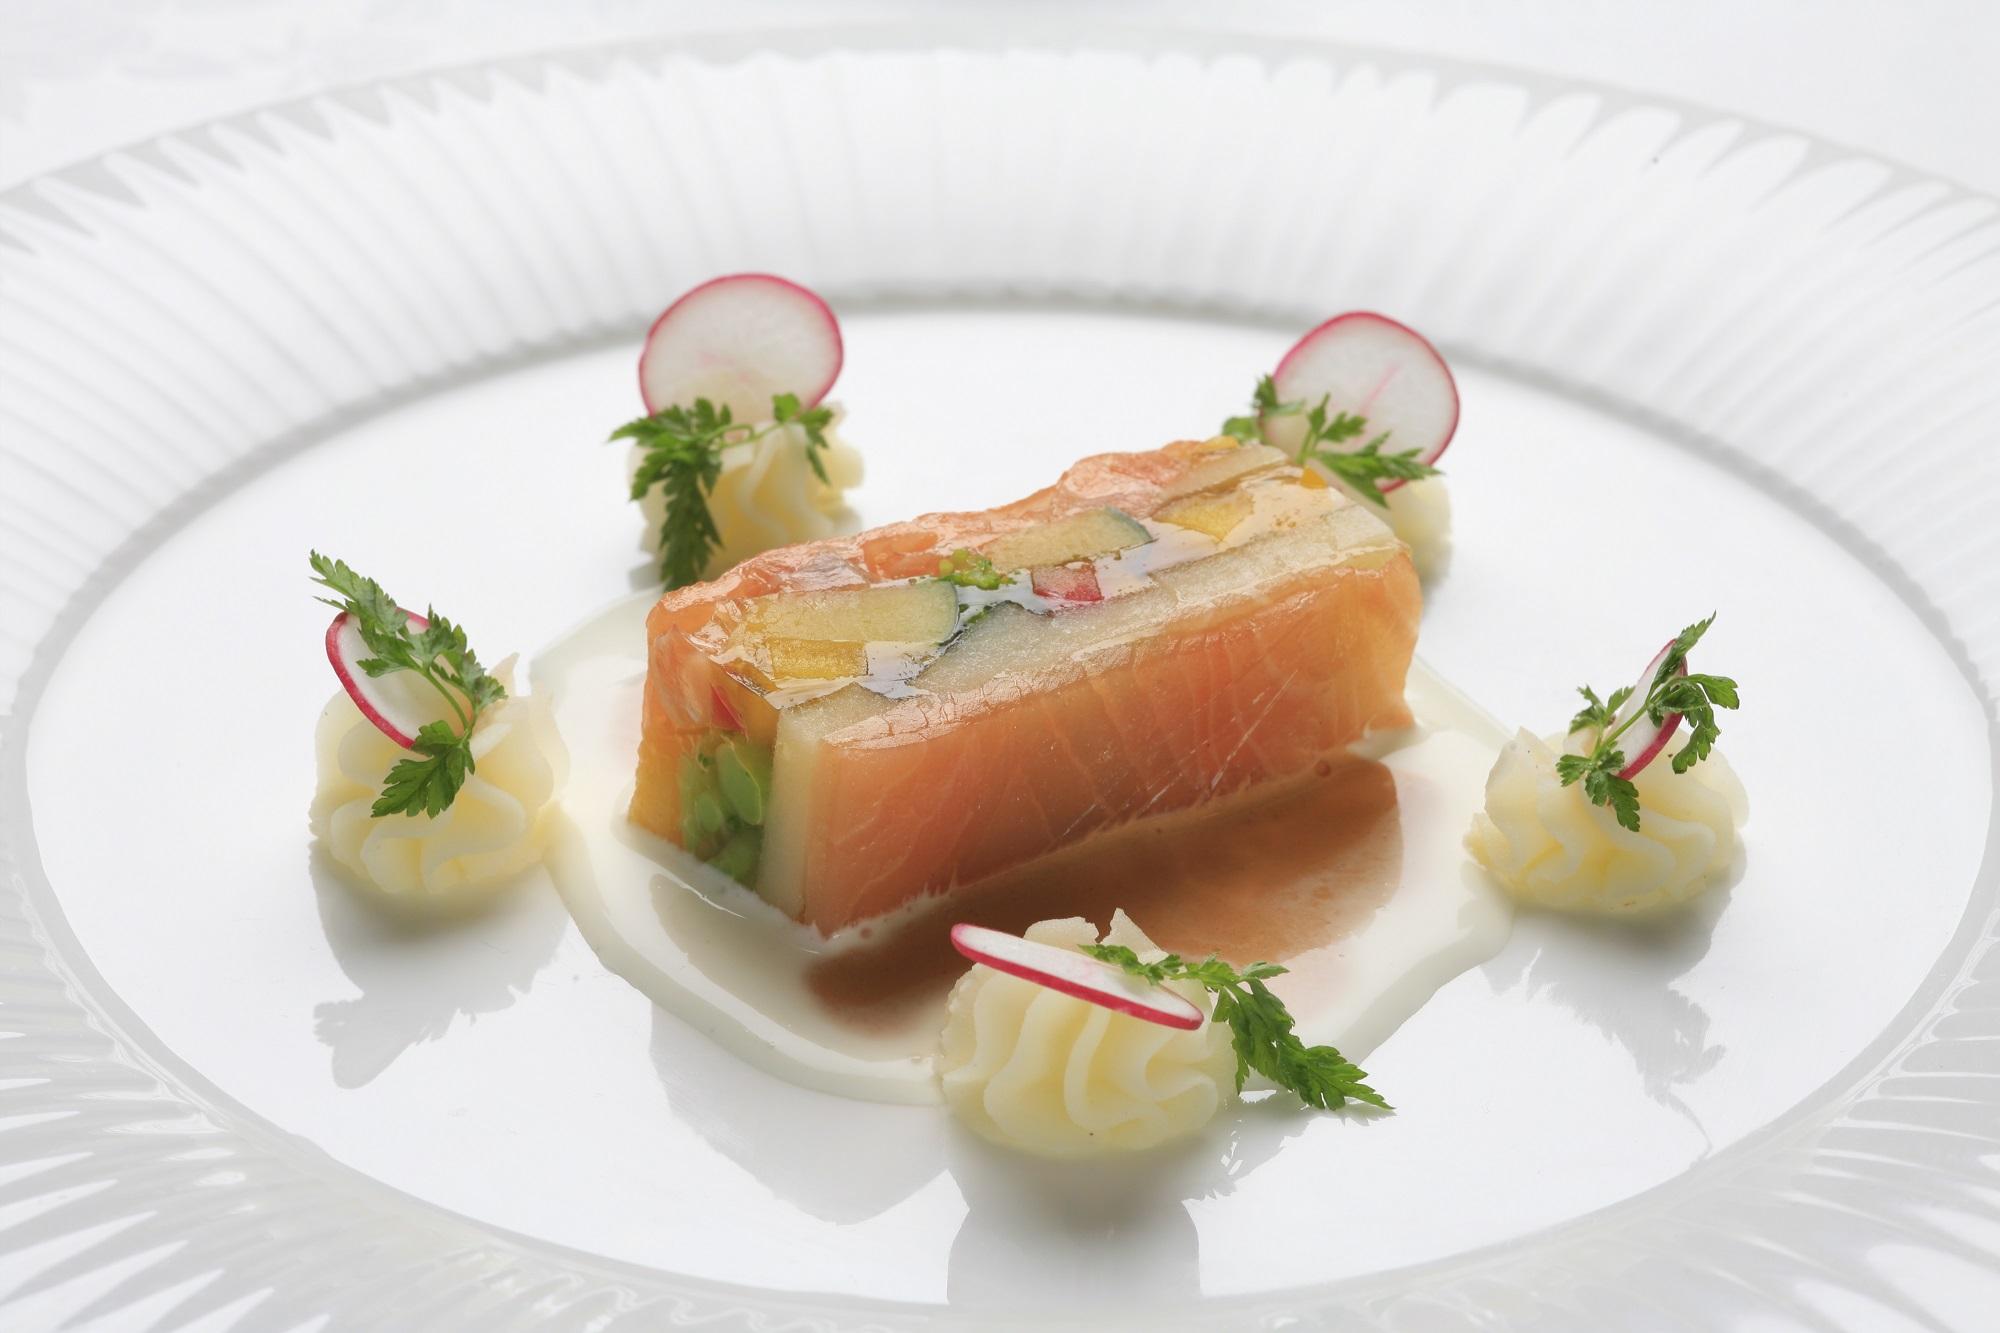 cuisine4の写真